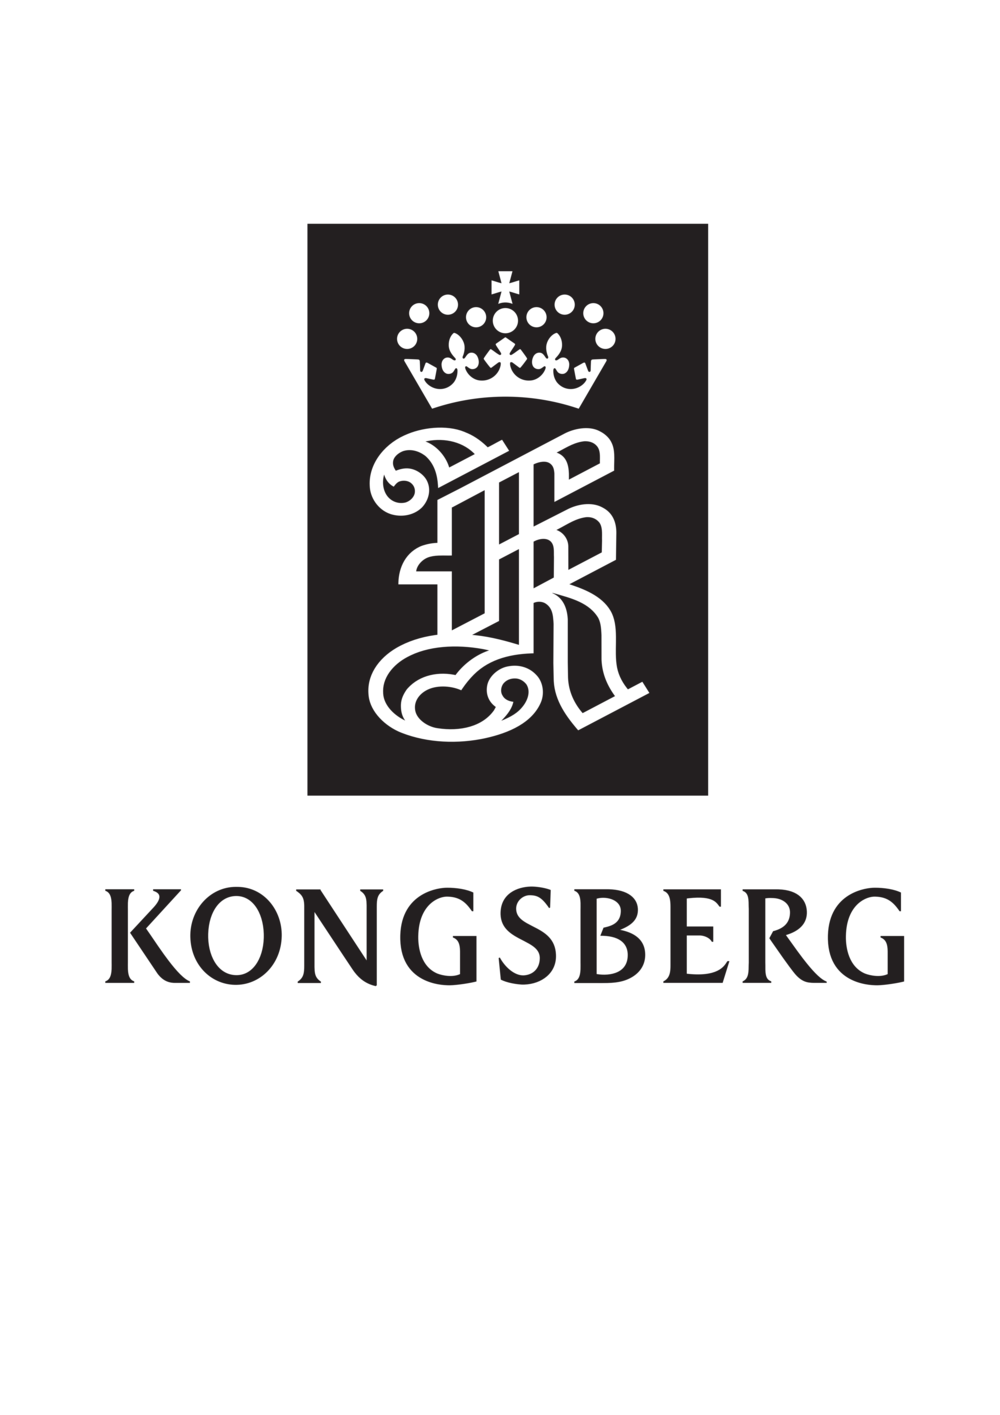 kongsberg.black.png